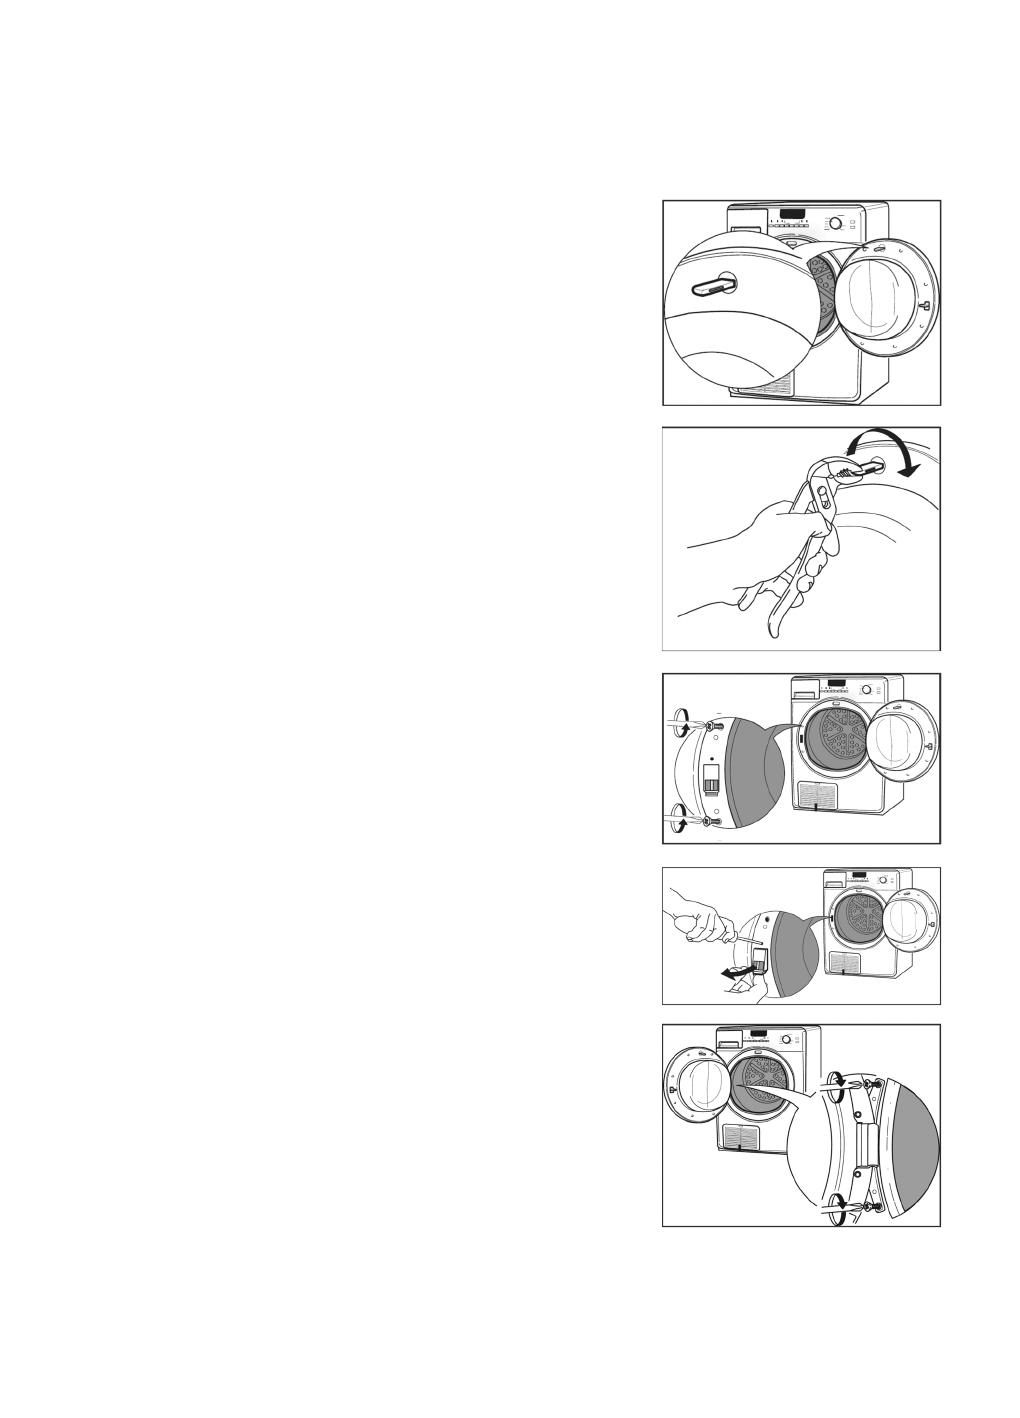 Bedienungsanleitung Whirlpool AZB 9782 (Seite 11 von 12